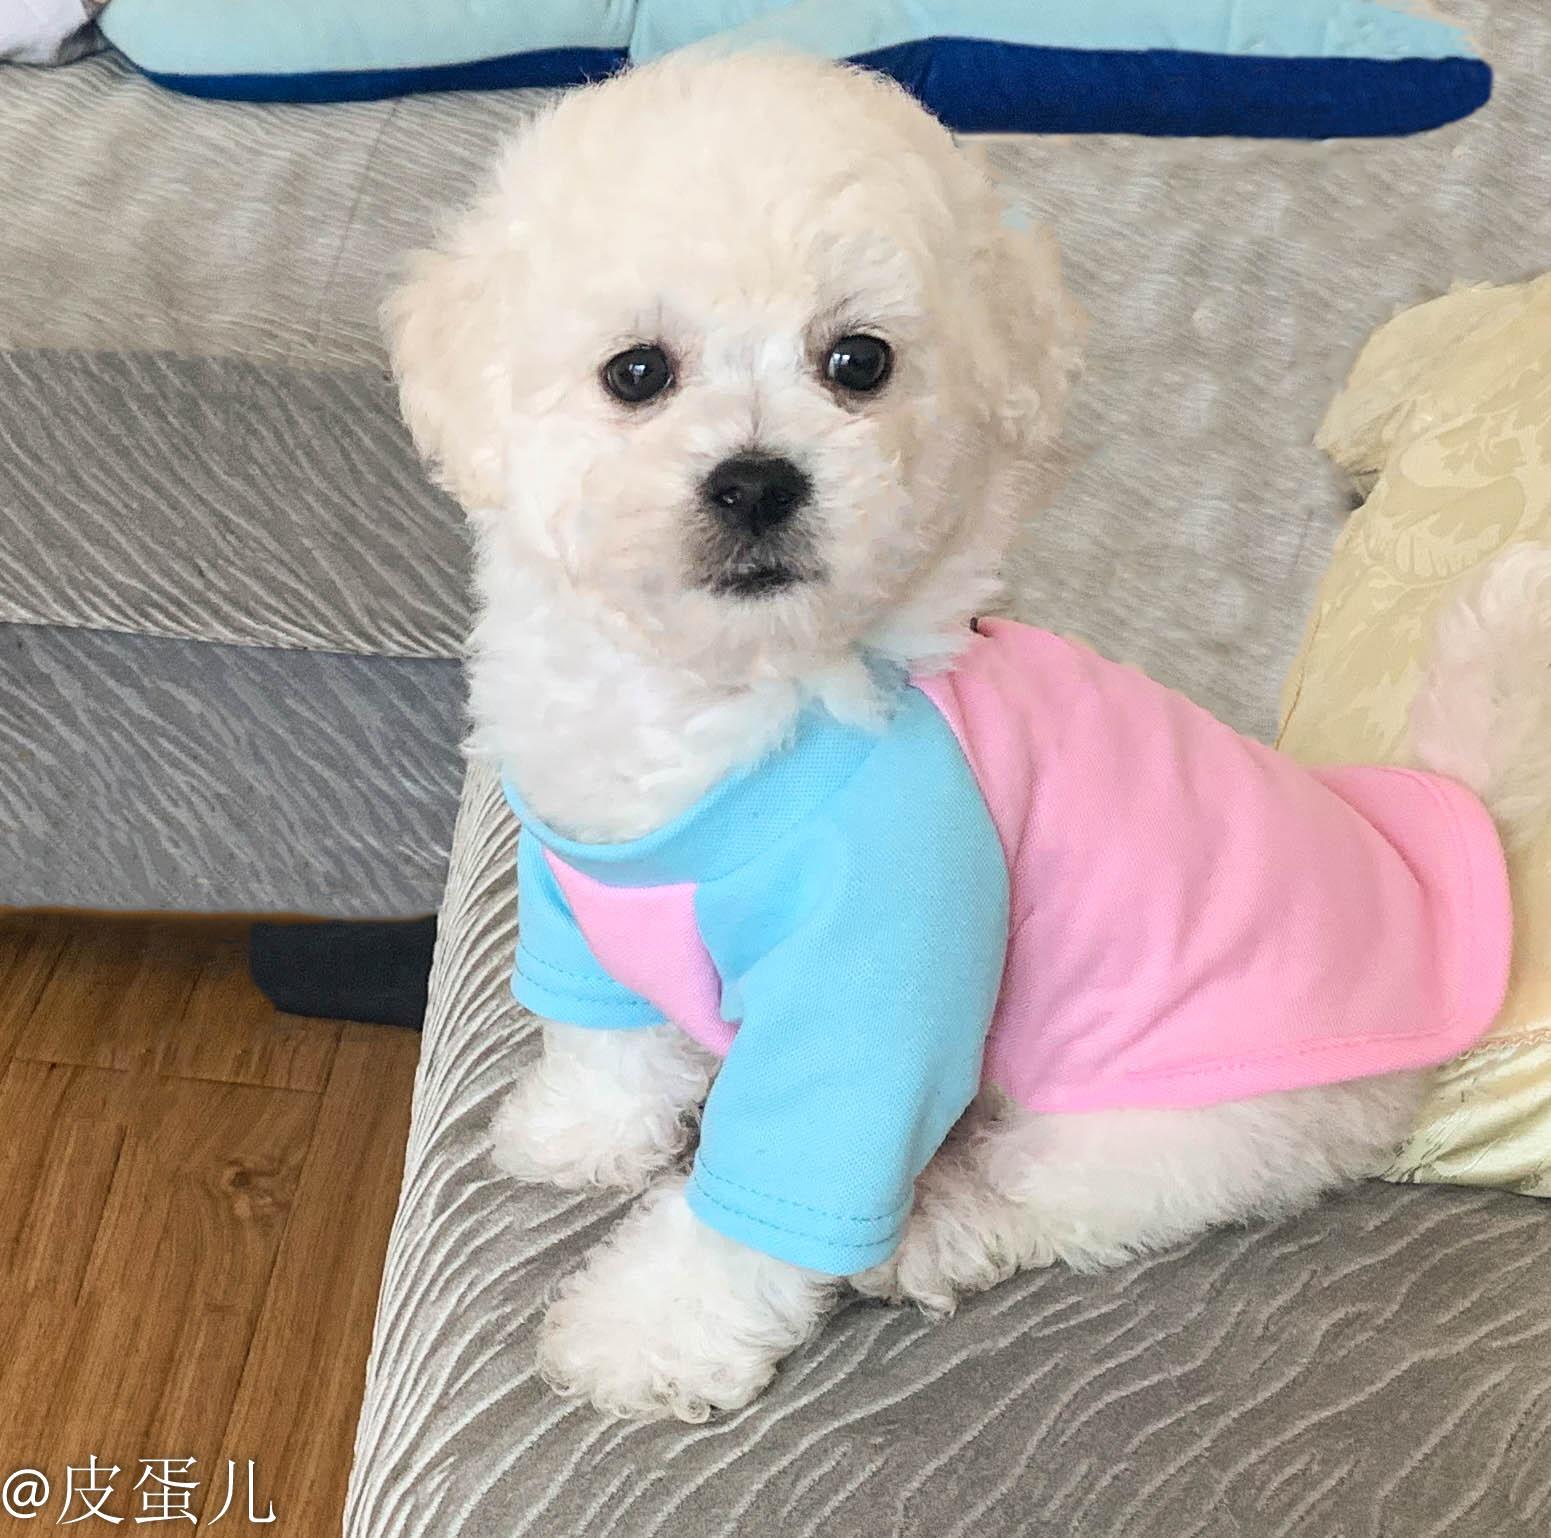 中國代購 中國批發-ibuy99 小狗衣服 春夏狗狗猫咪通用法斗泰迪小型犬背心新款比熊博美小狗宠物衣服